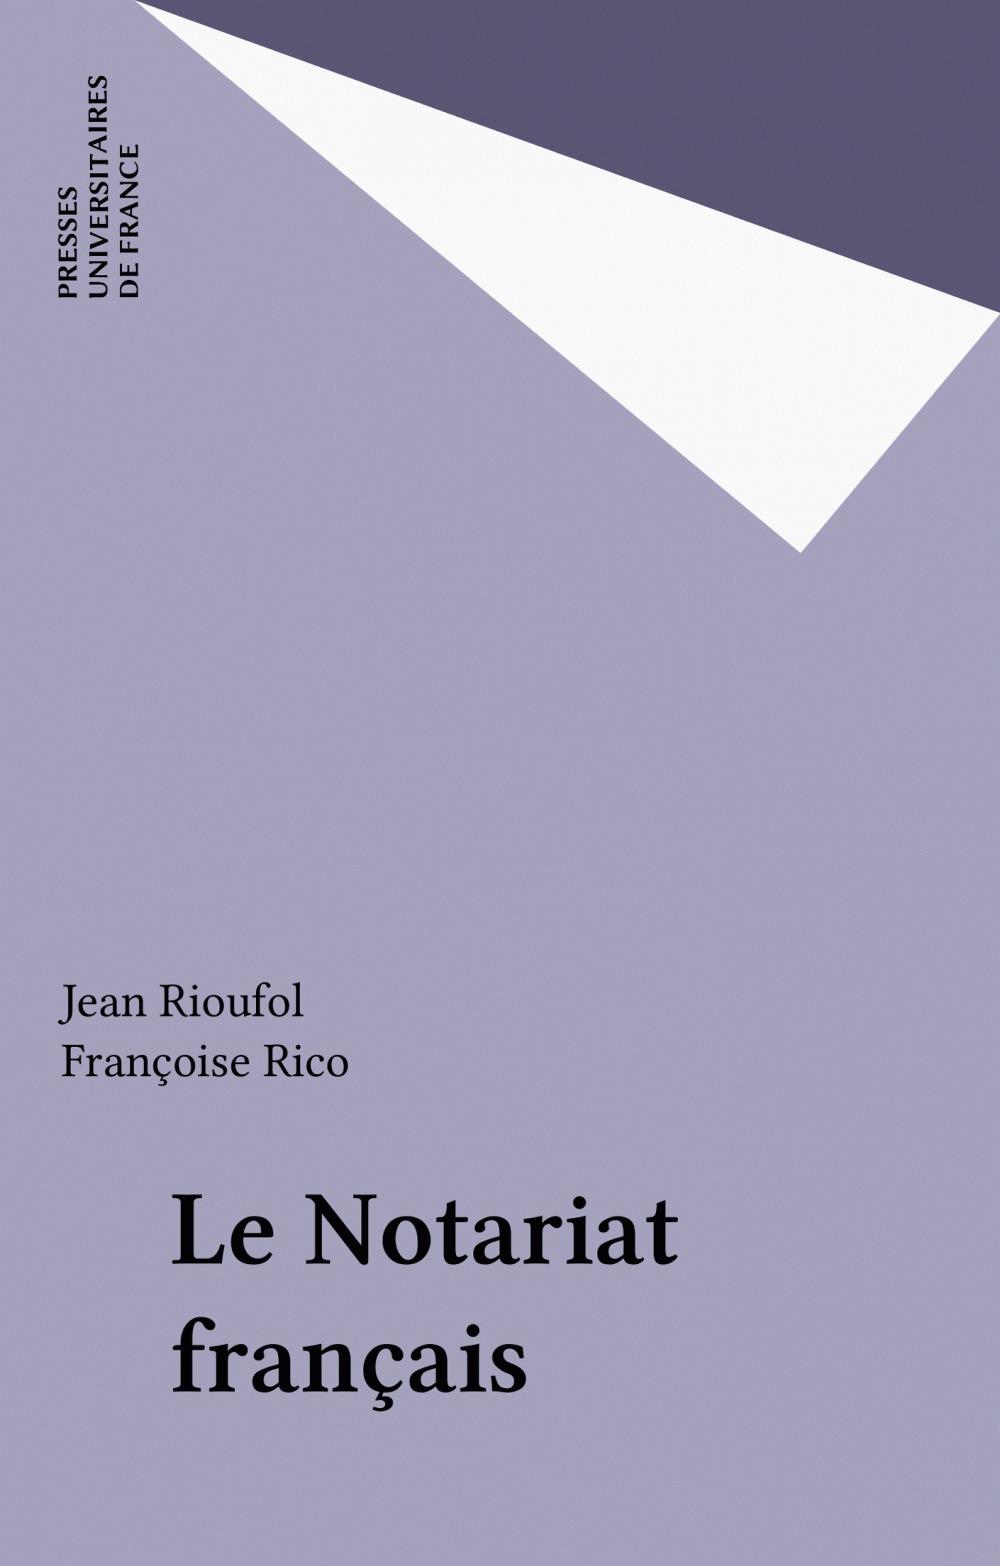 Le Notariat français